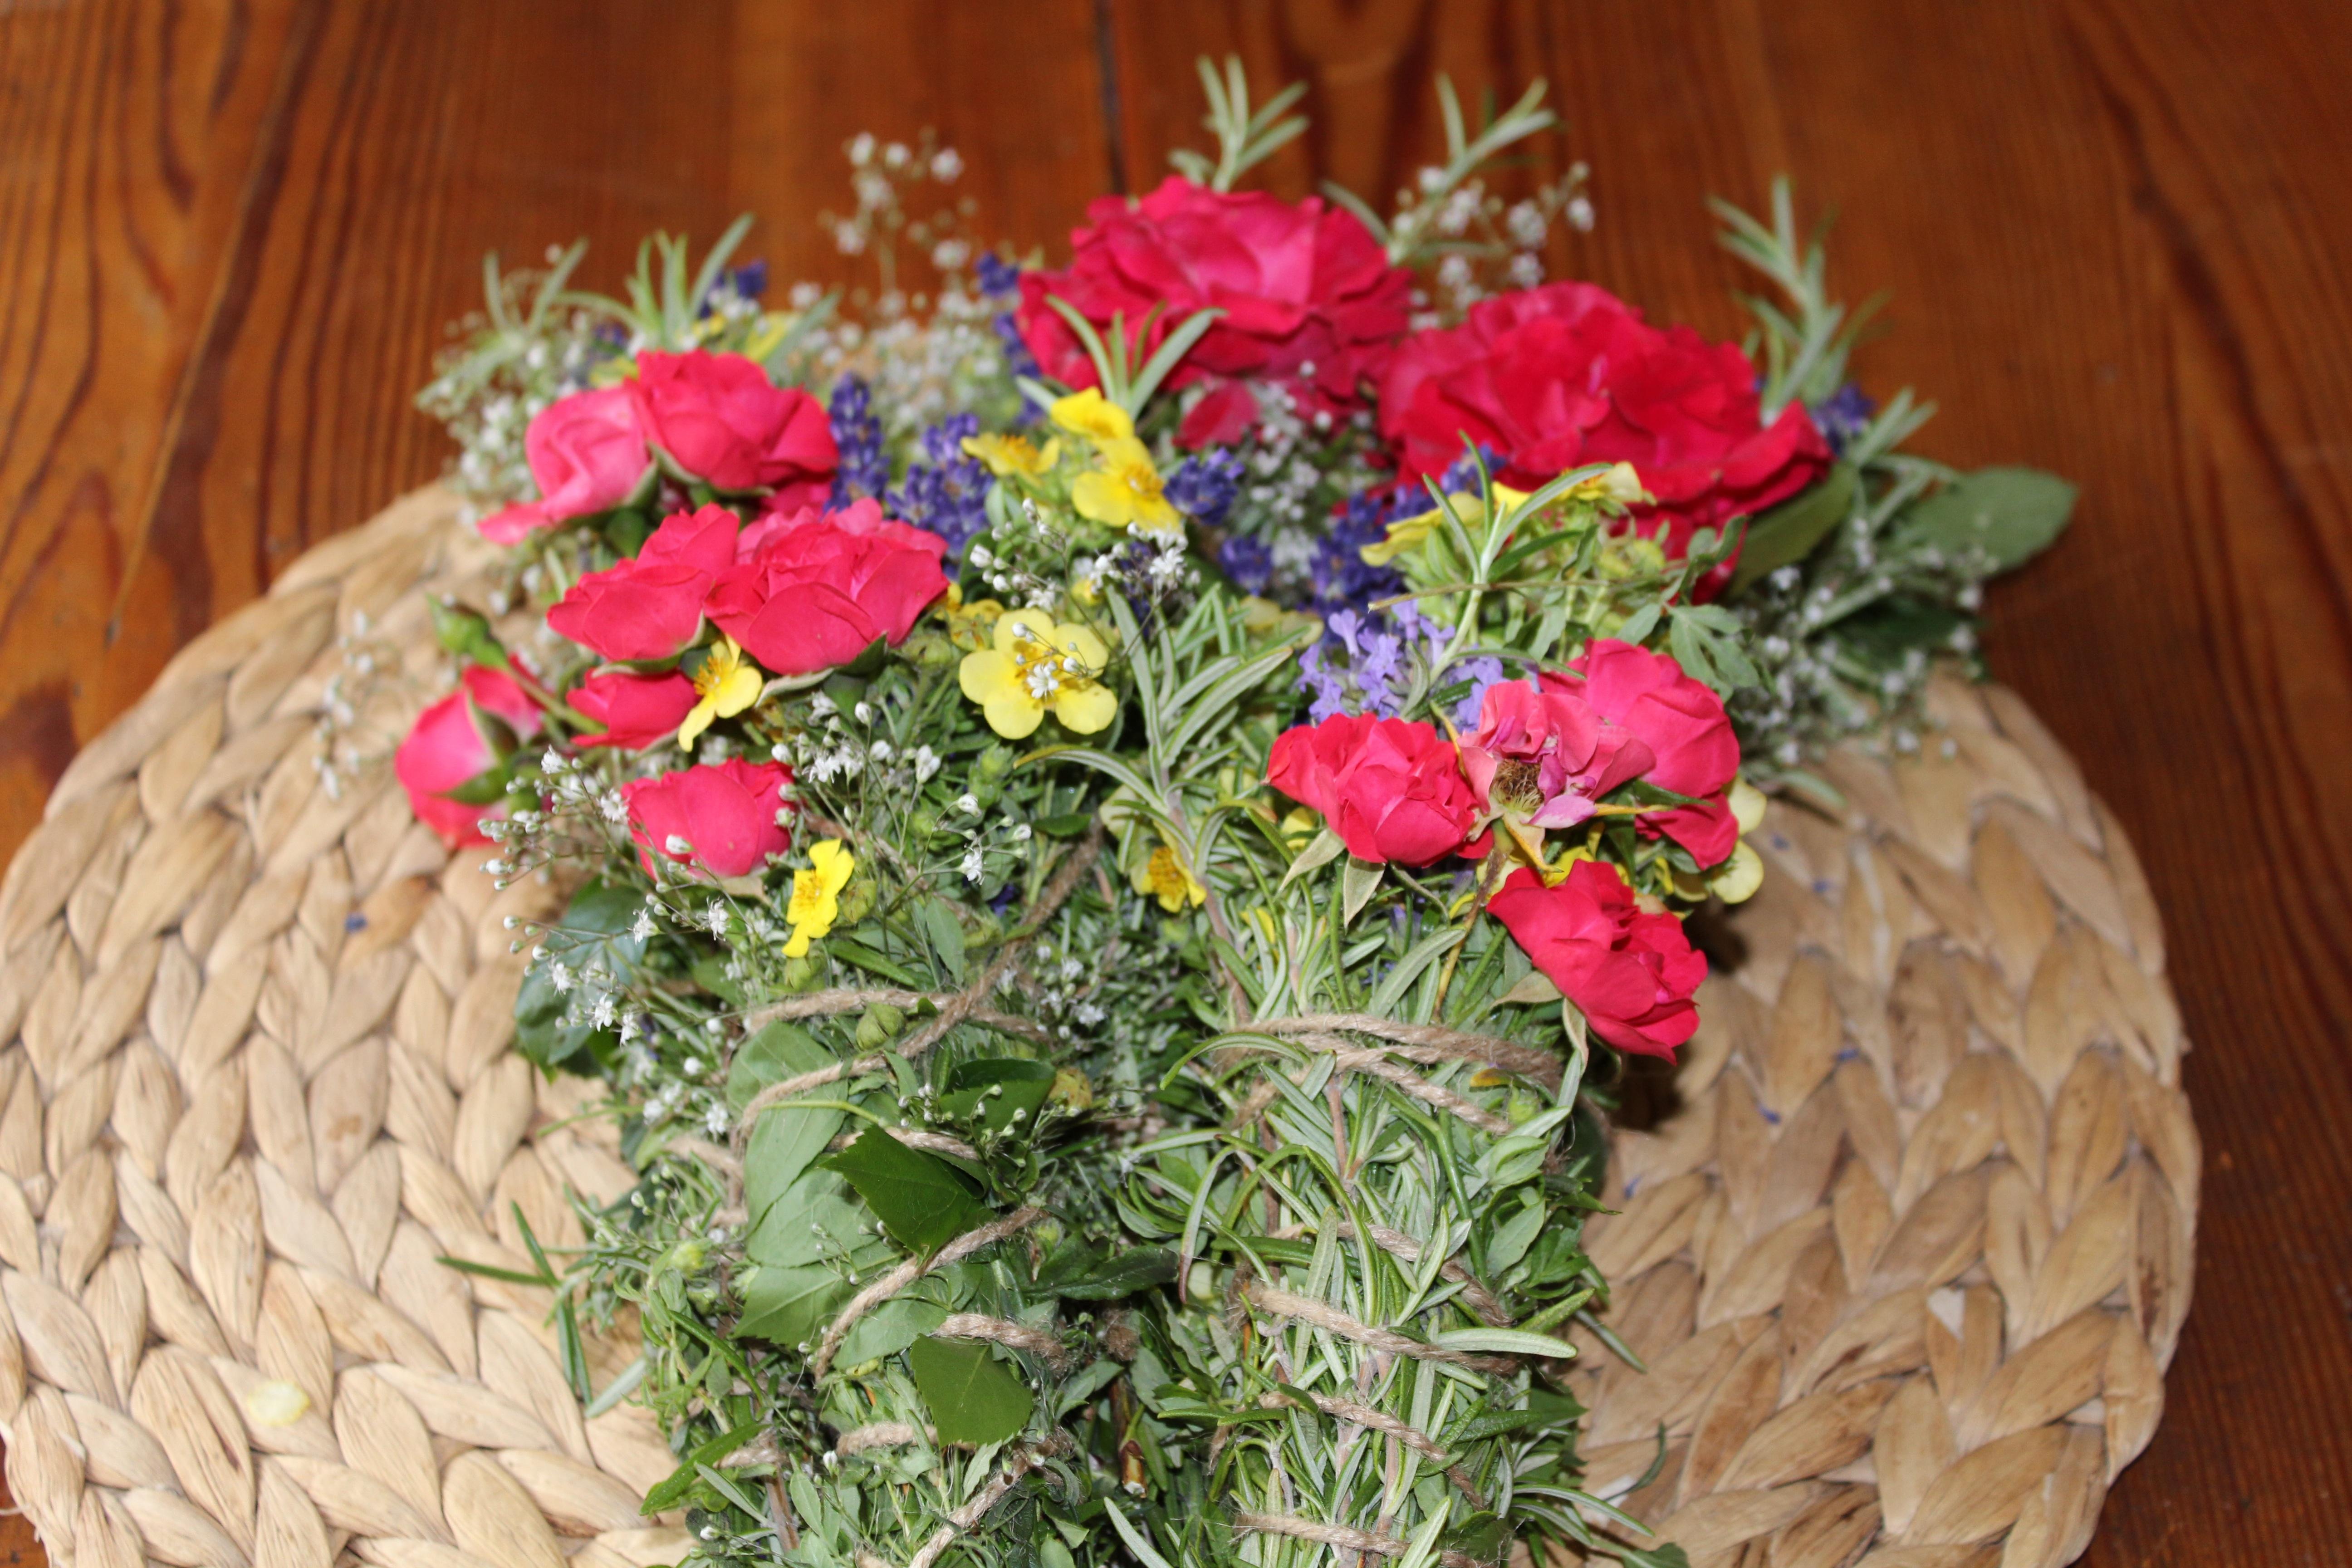 Fotos gratis : flor, pétalo, verano, Rosa, lavanda, Flores ...